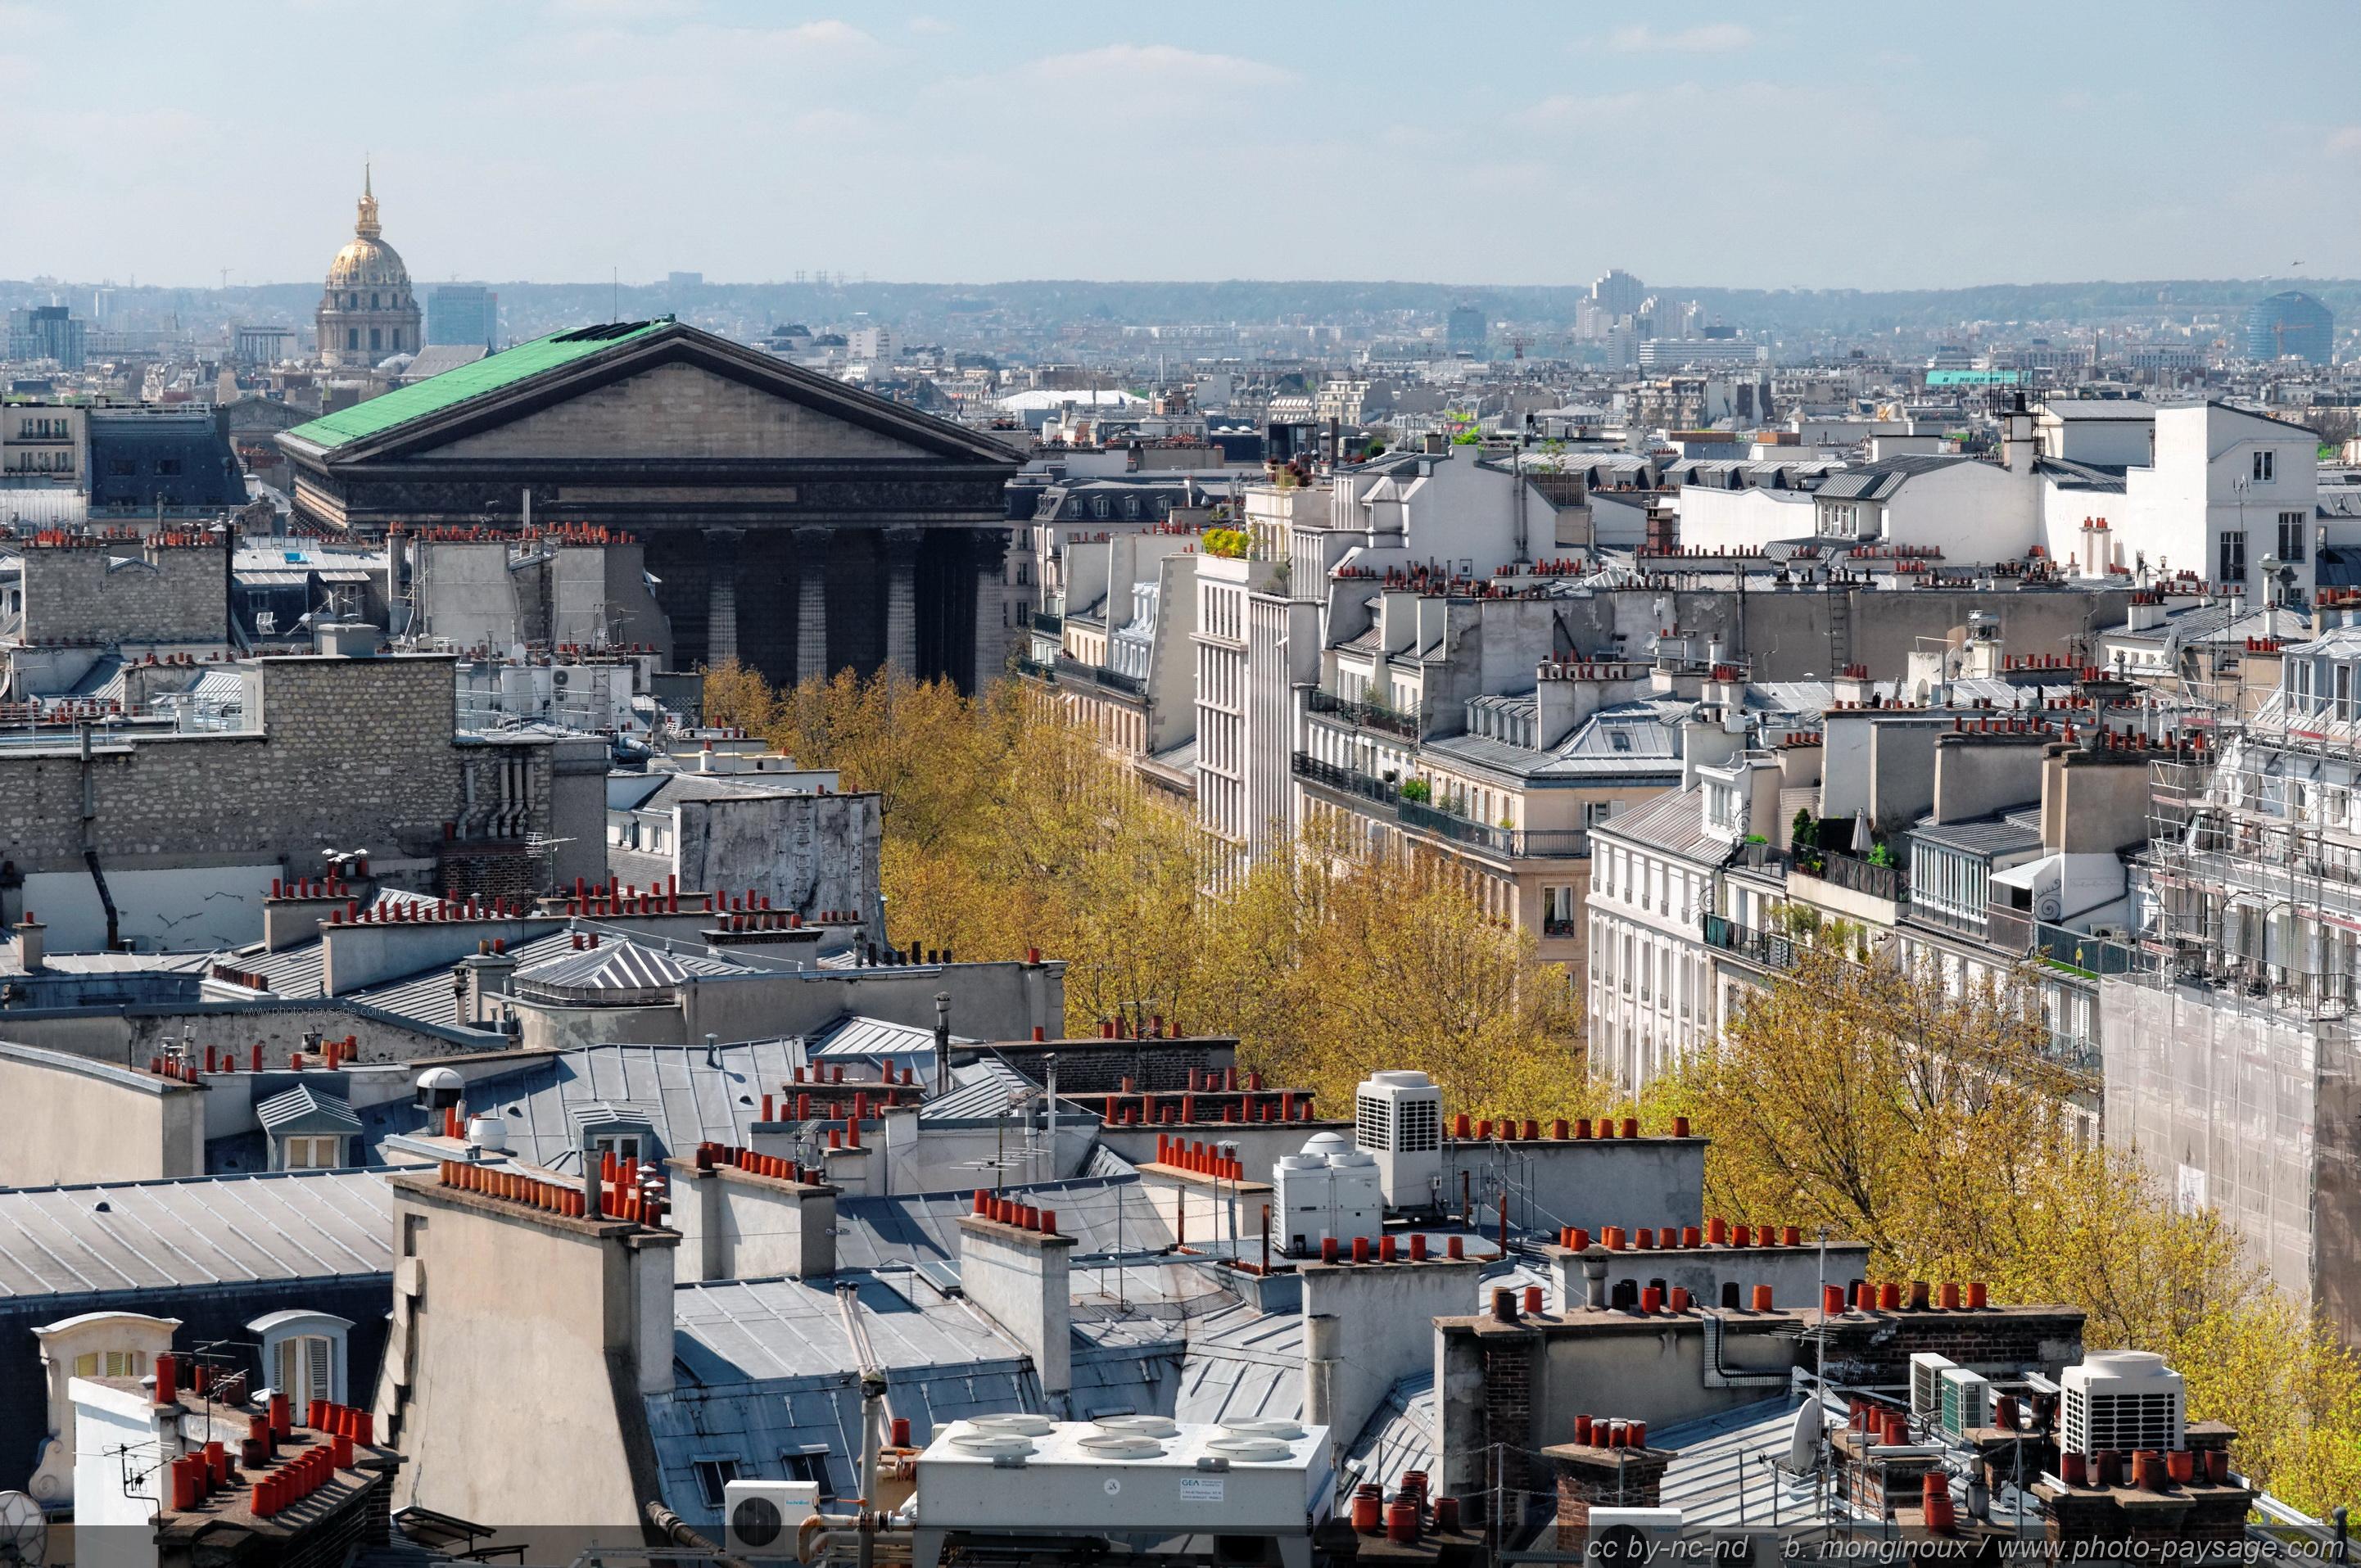 Les-toits-de-Paris-et-l_eglise-de-la-Madeleine